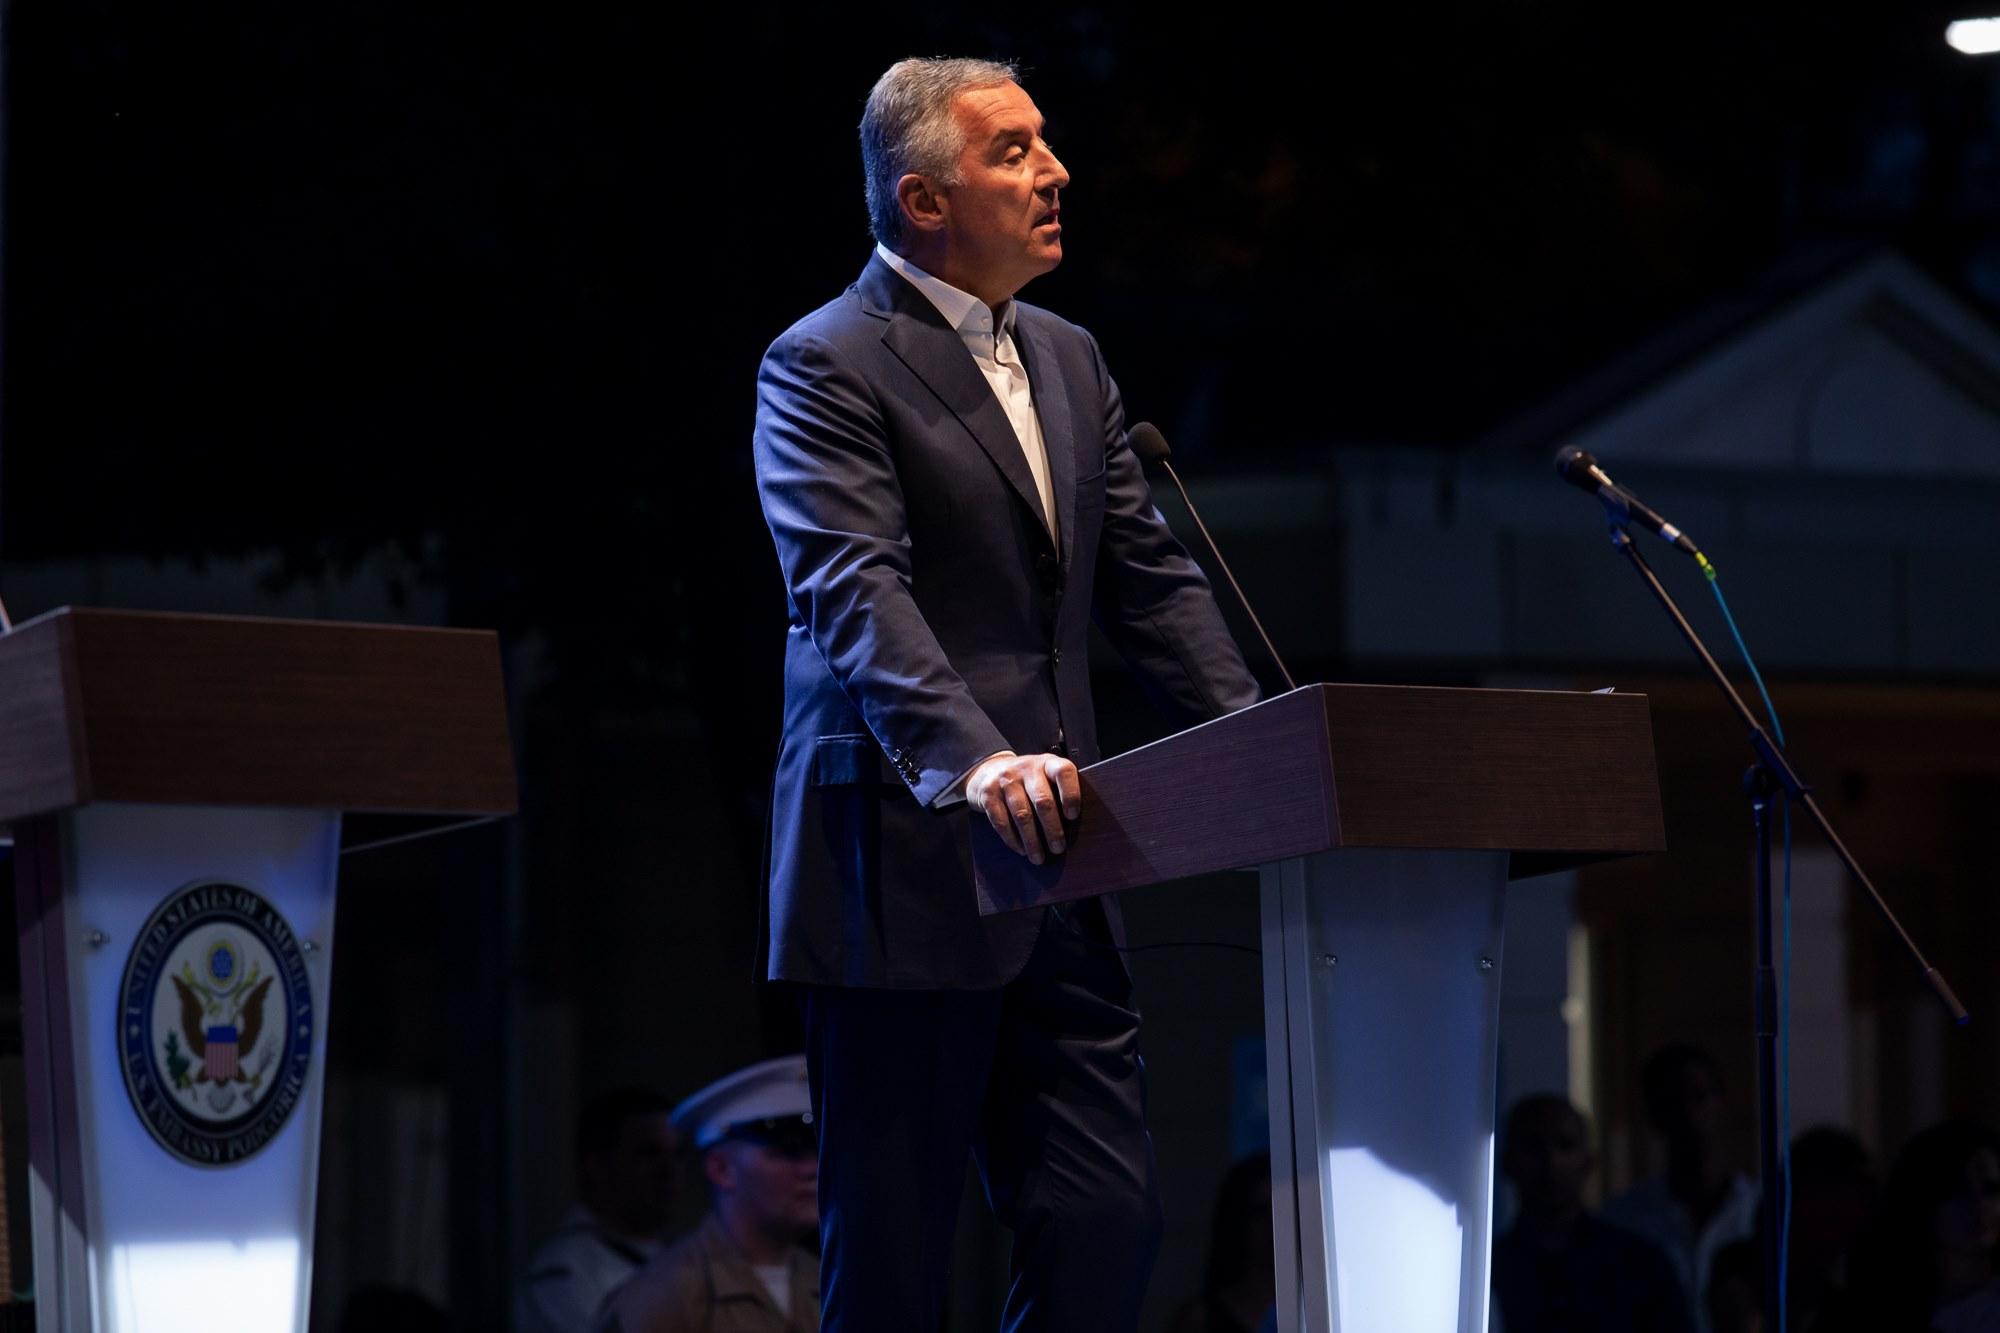 Ђукановић: СПЦ темпирана бомба у темељу државе Црне Горе